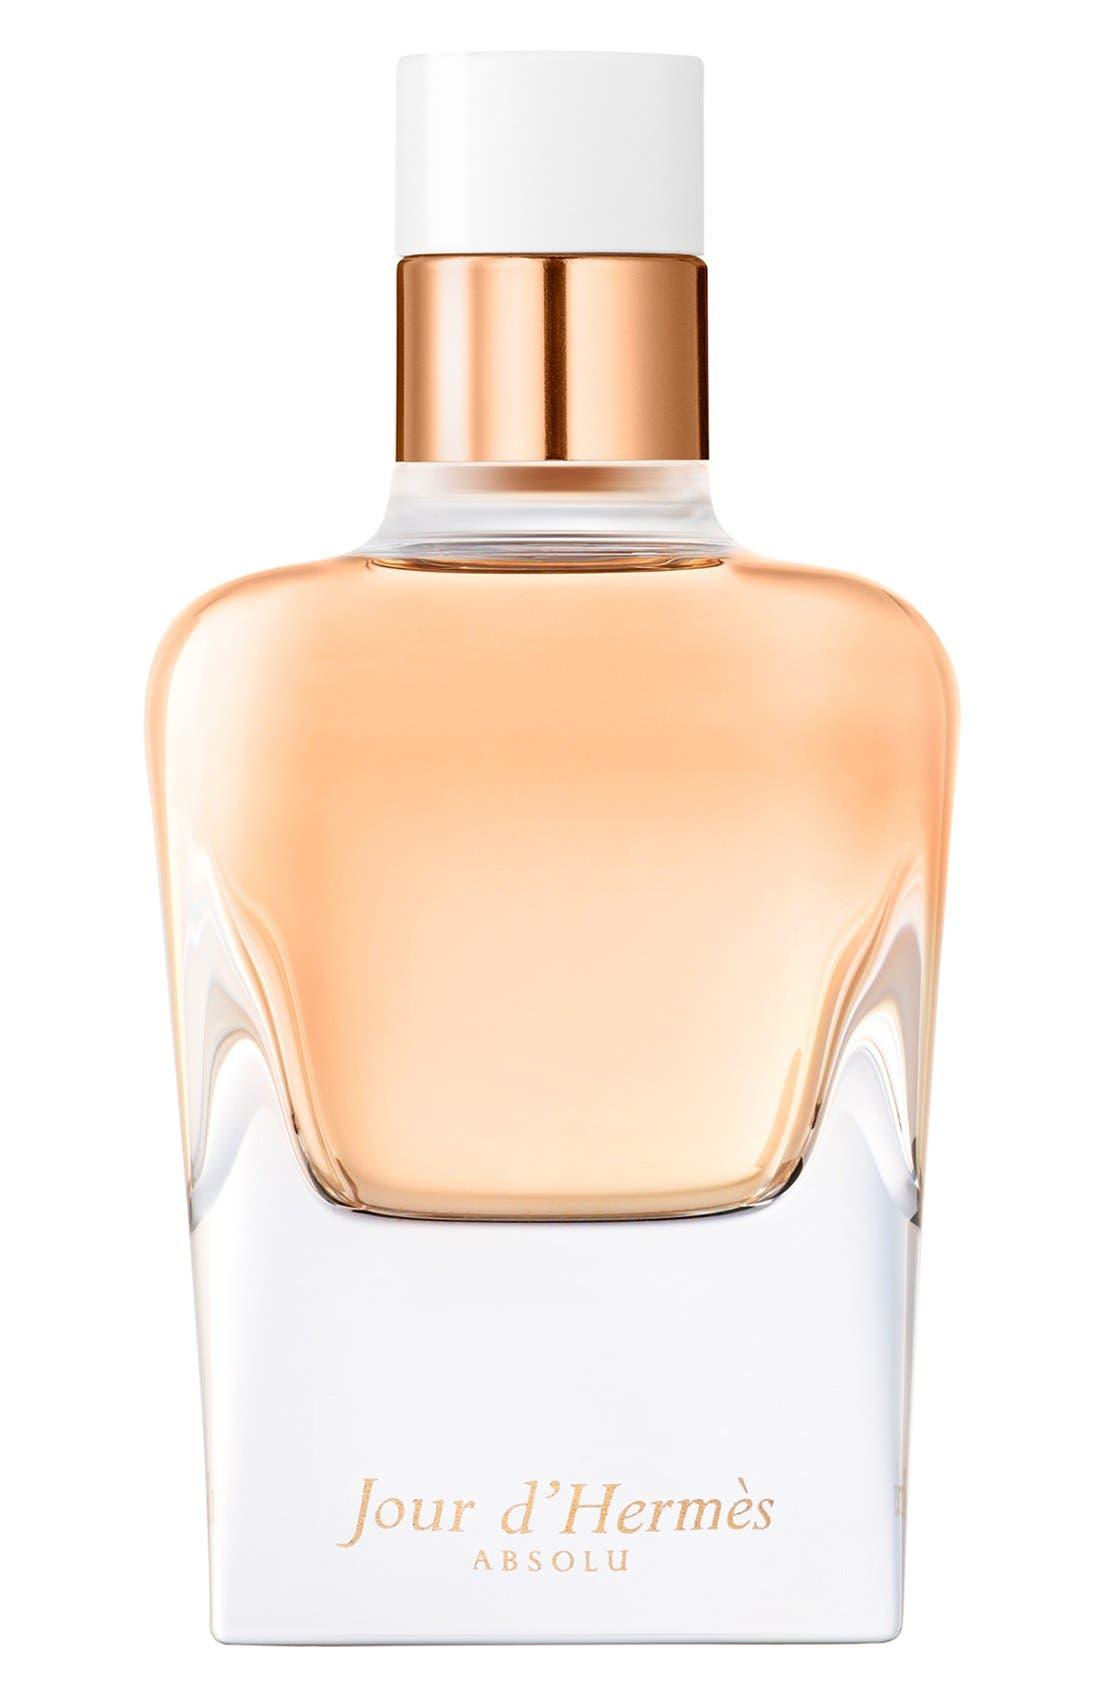 Hermès Jour d'Hermès Absolu - Eau de parfum